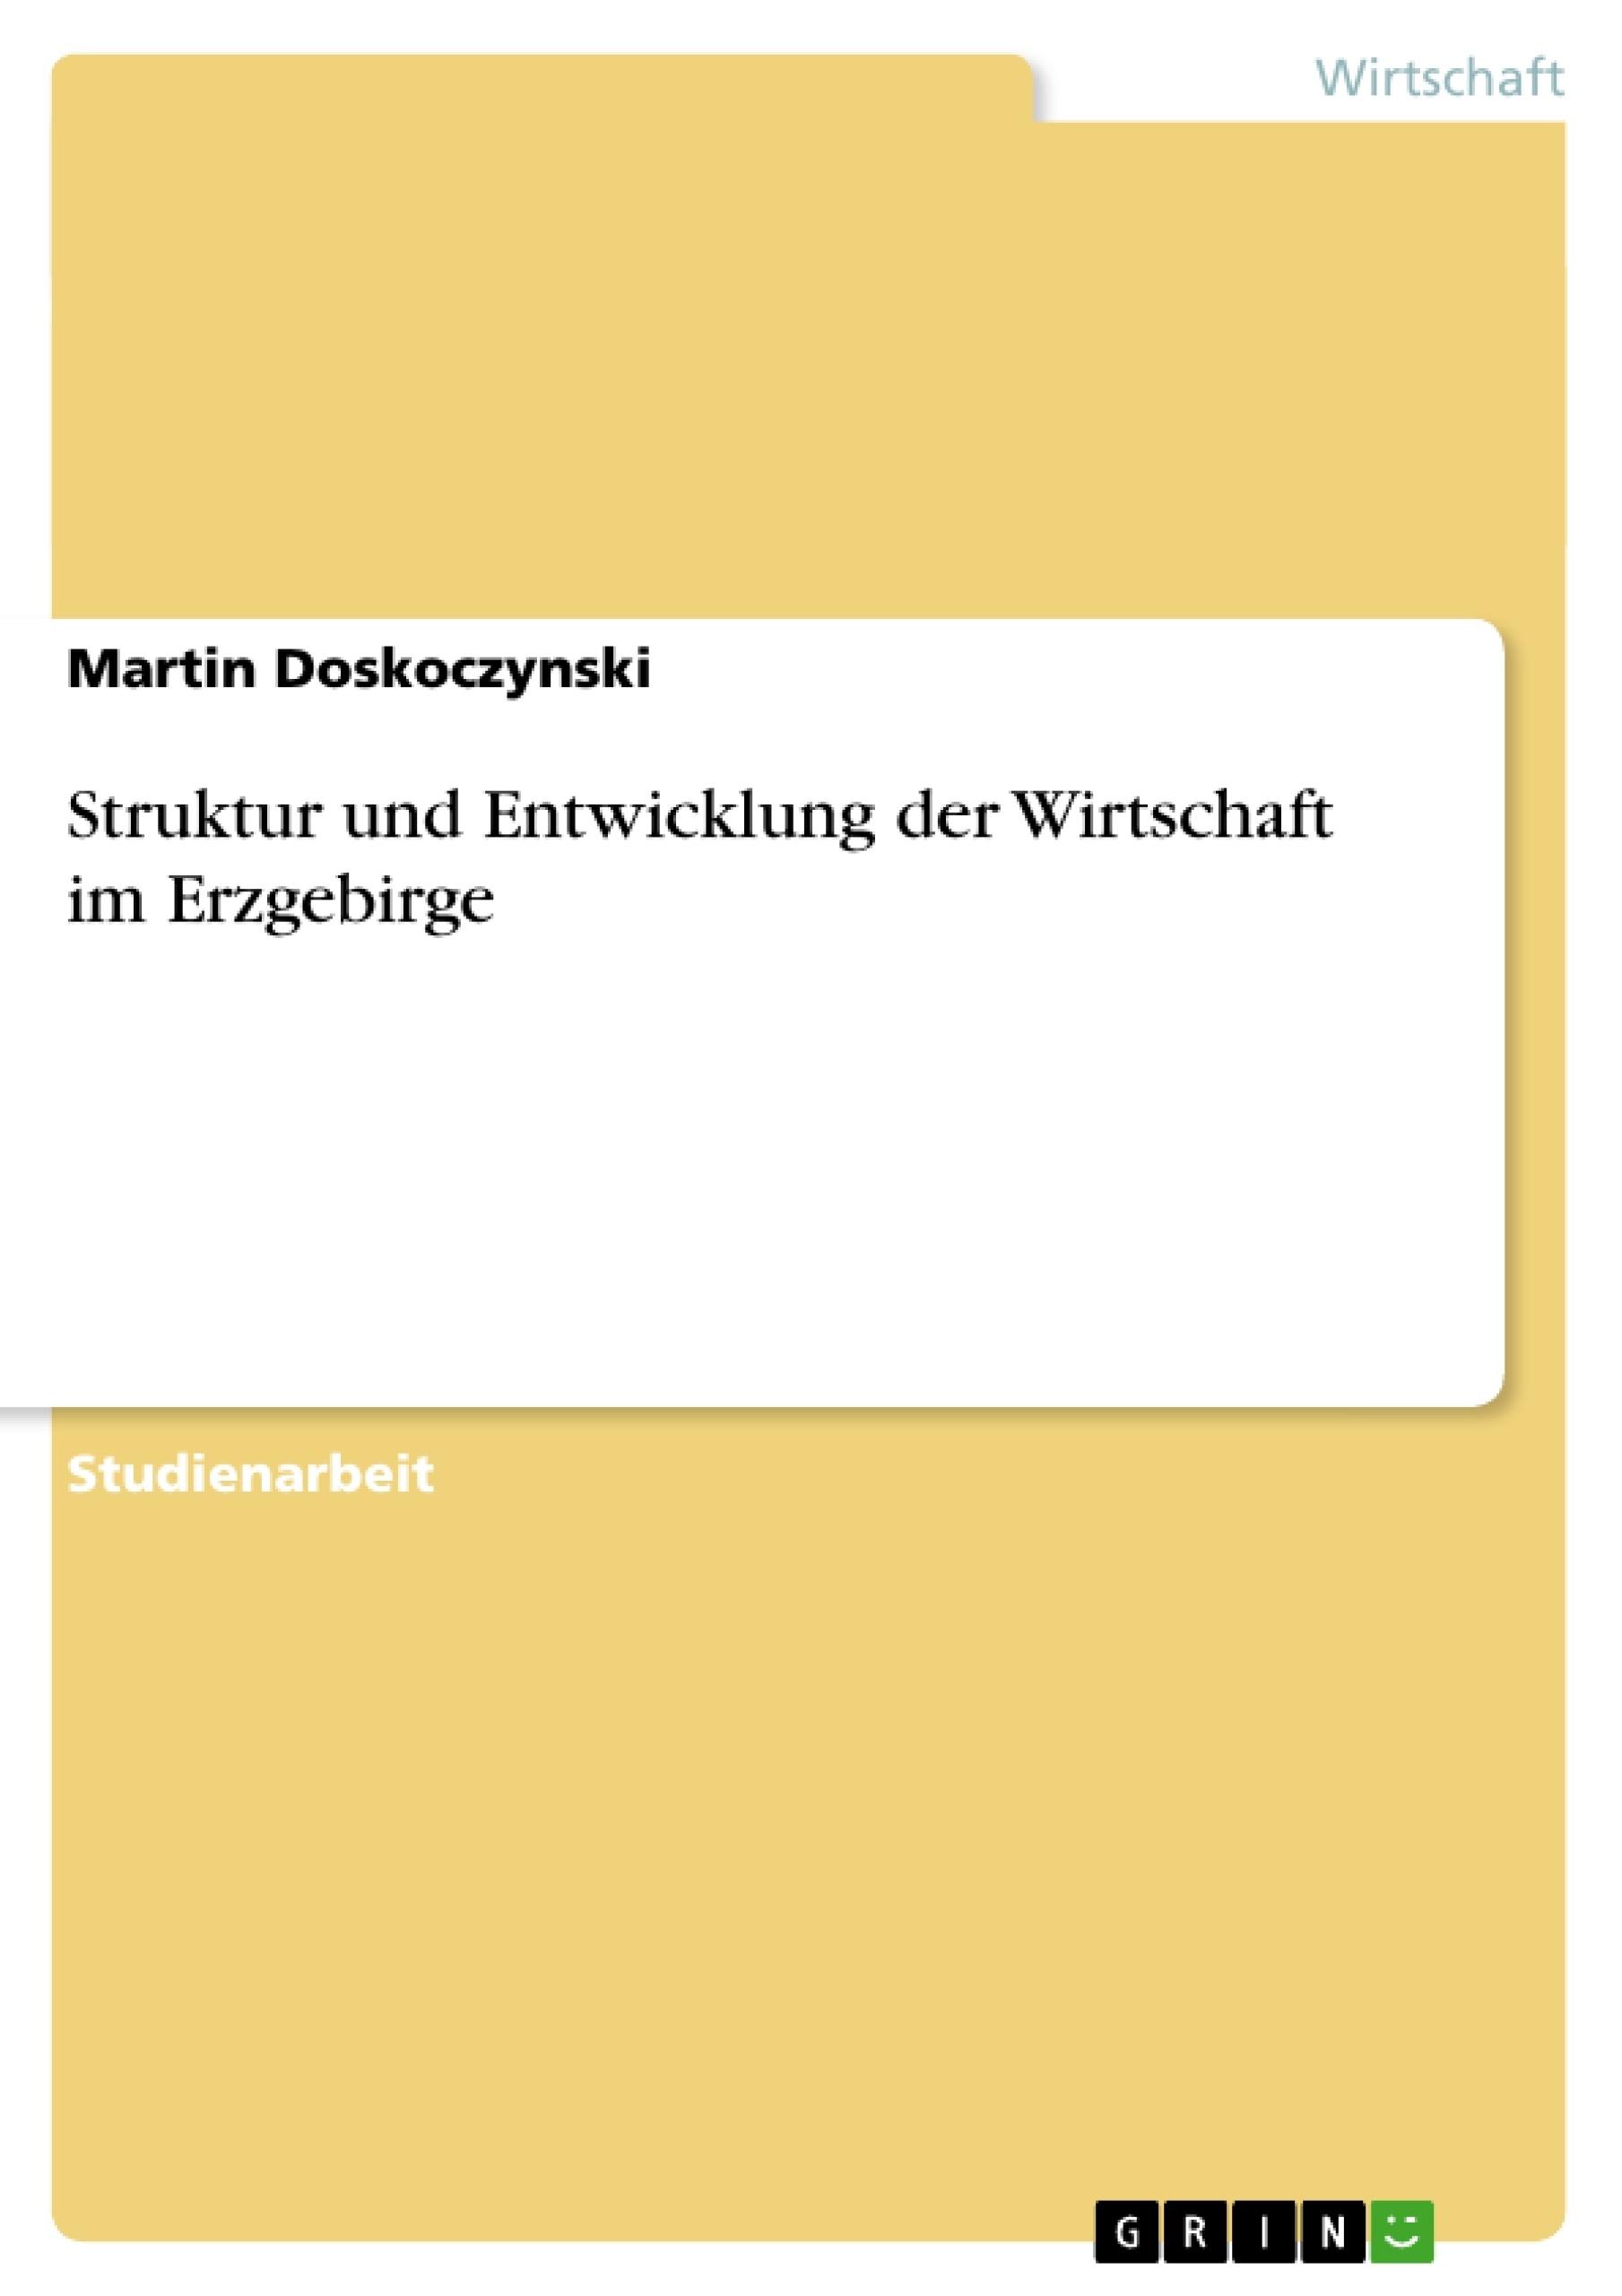 Titel: Struktur und Entwicklung der Wirtschaft im Erzgebirge